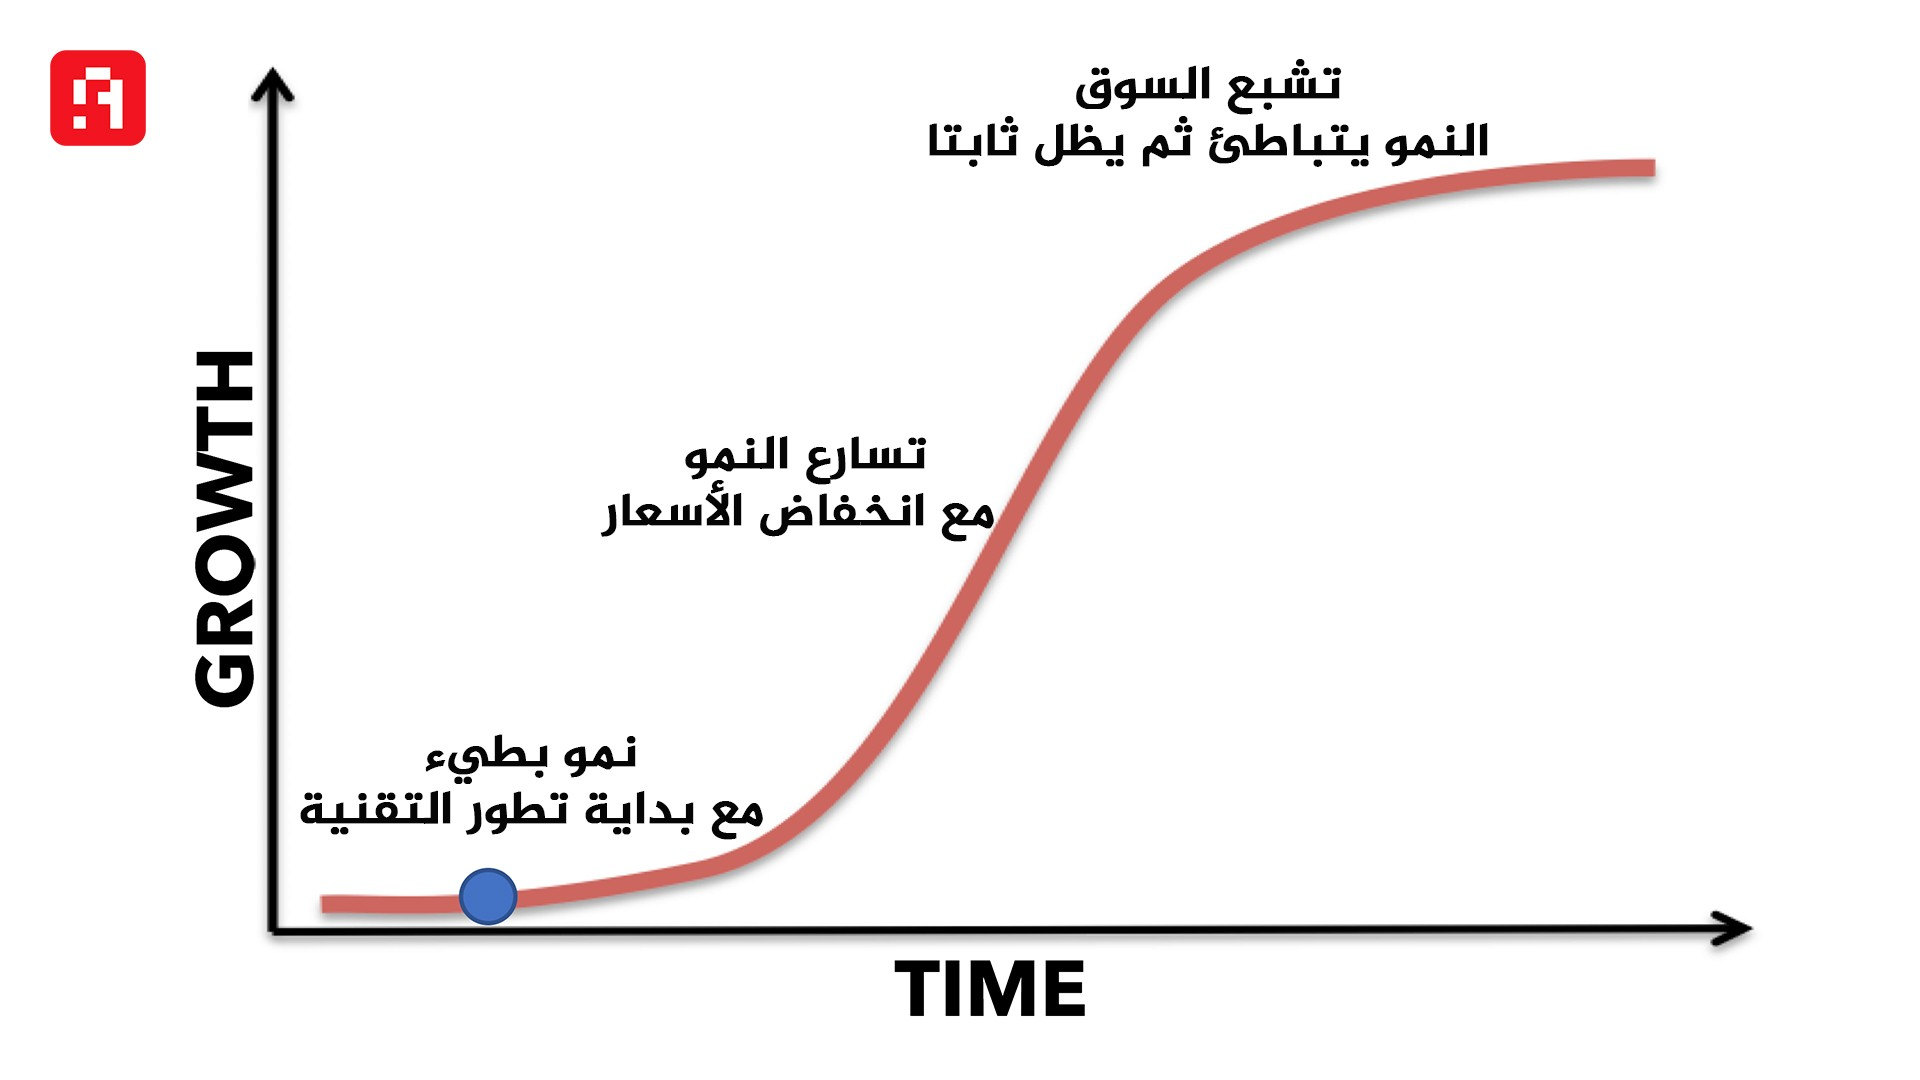 منحنى S-curve